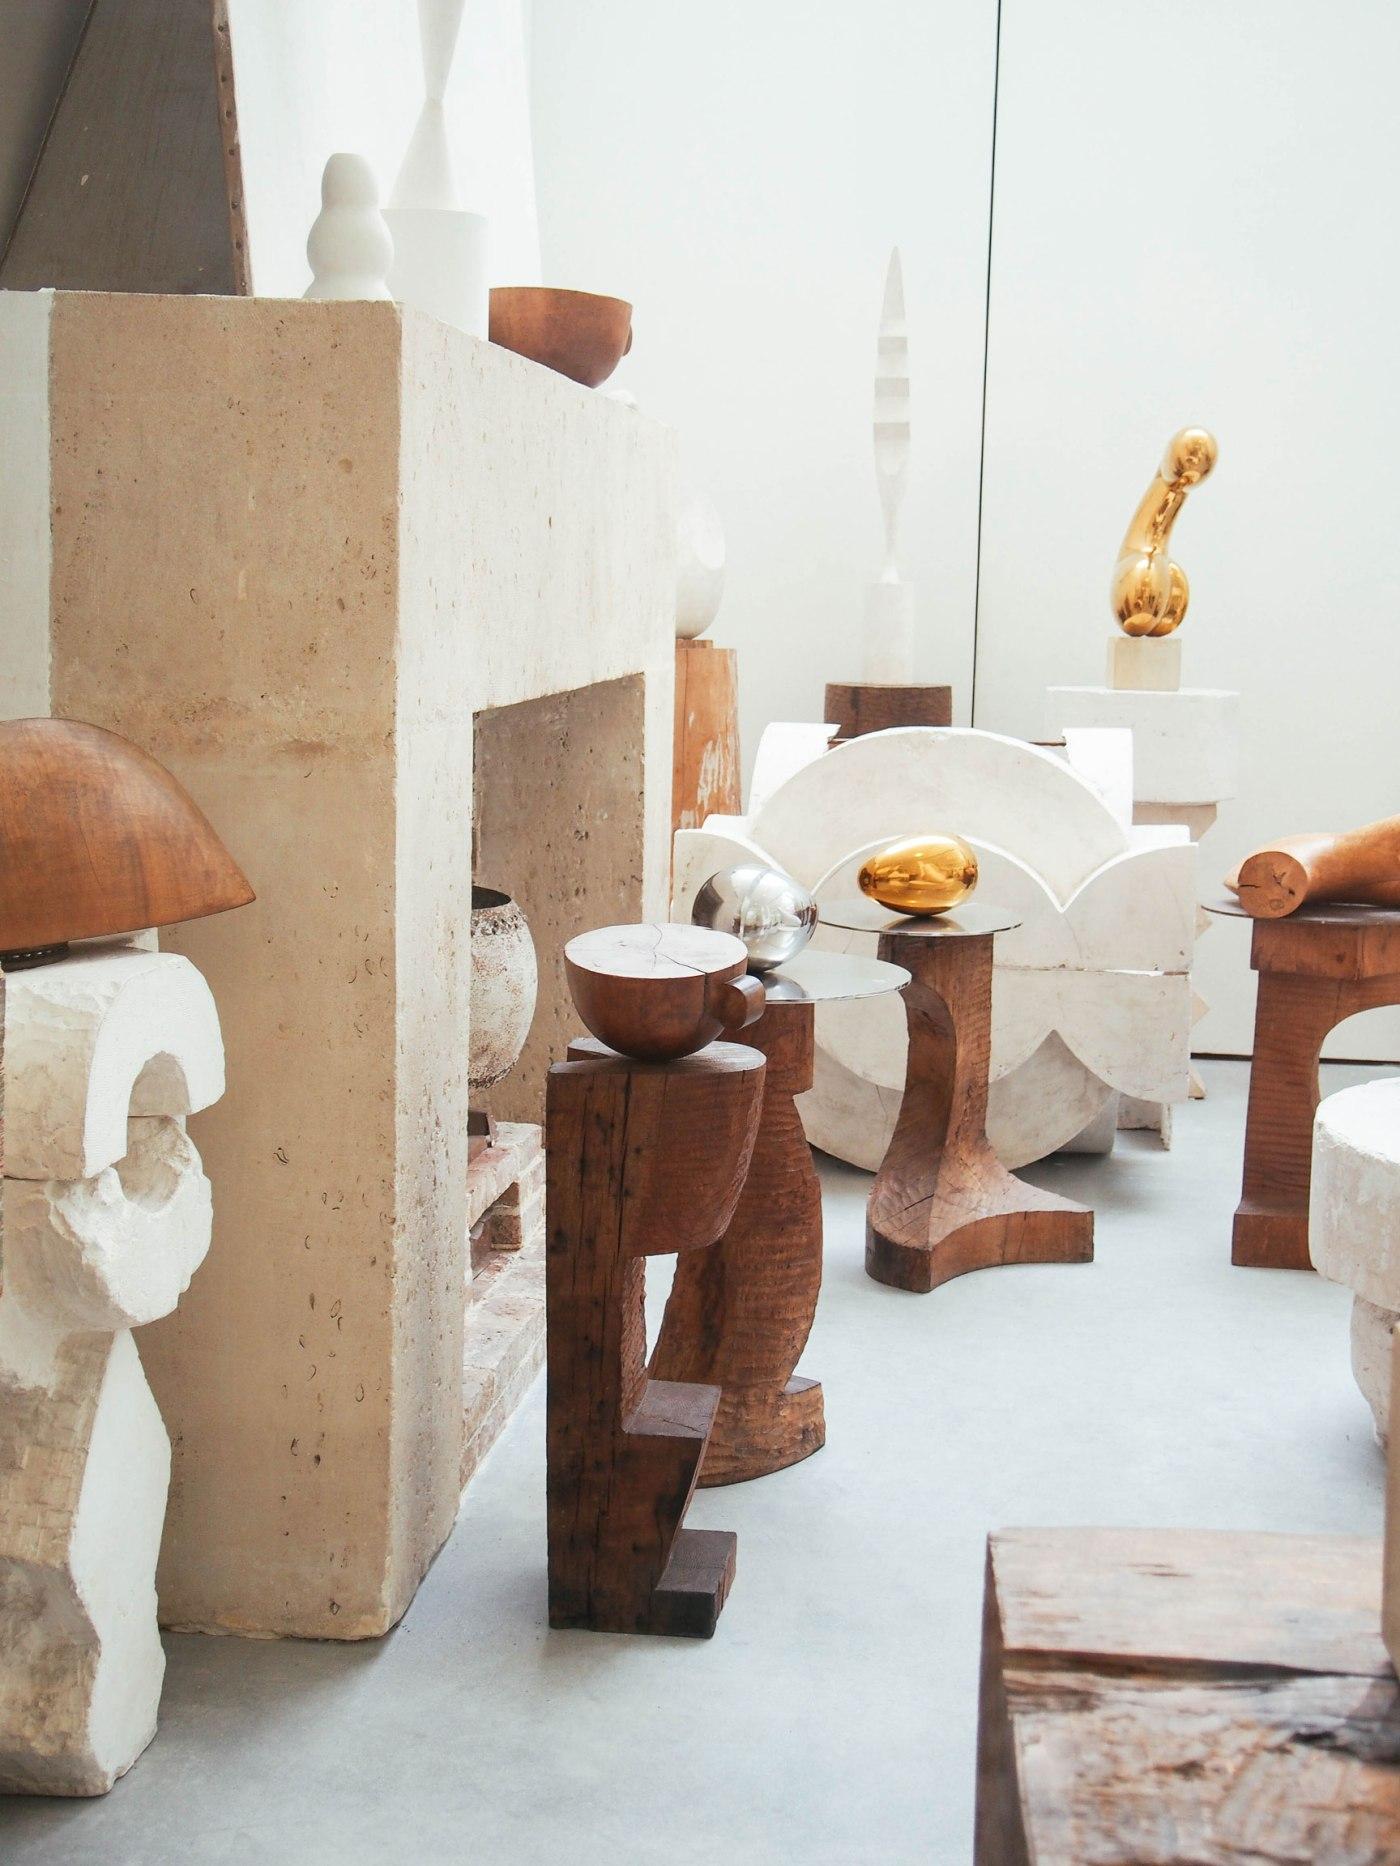 atelier-brancusi-paris-jennifer-ring-24